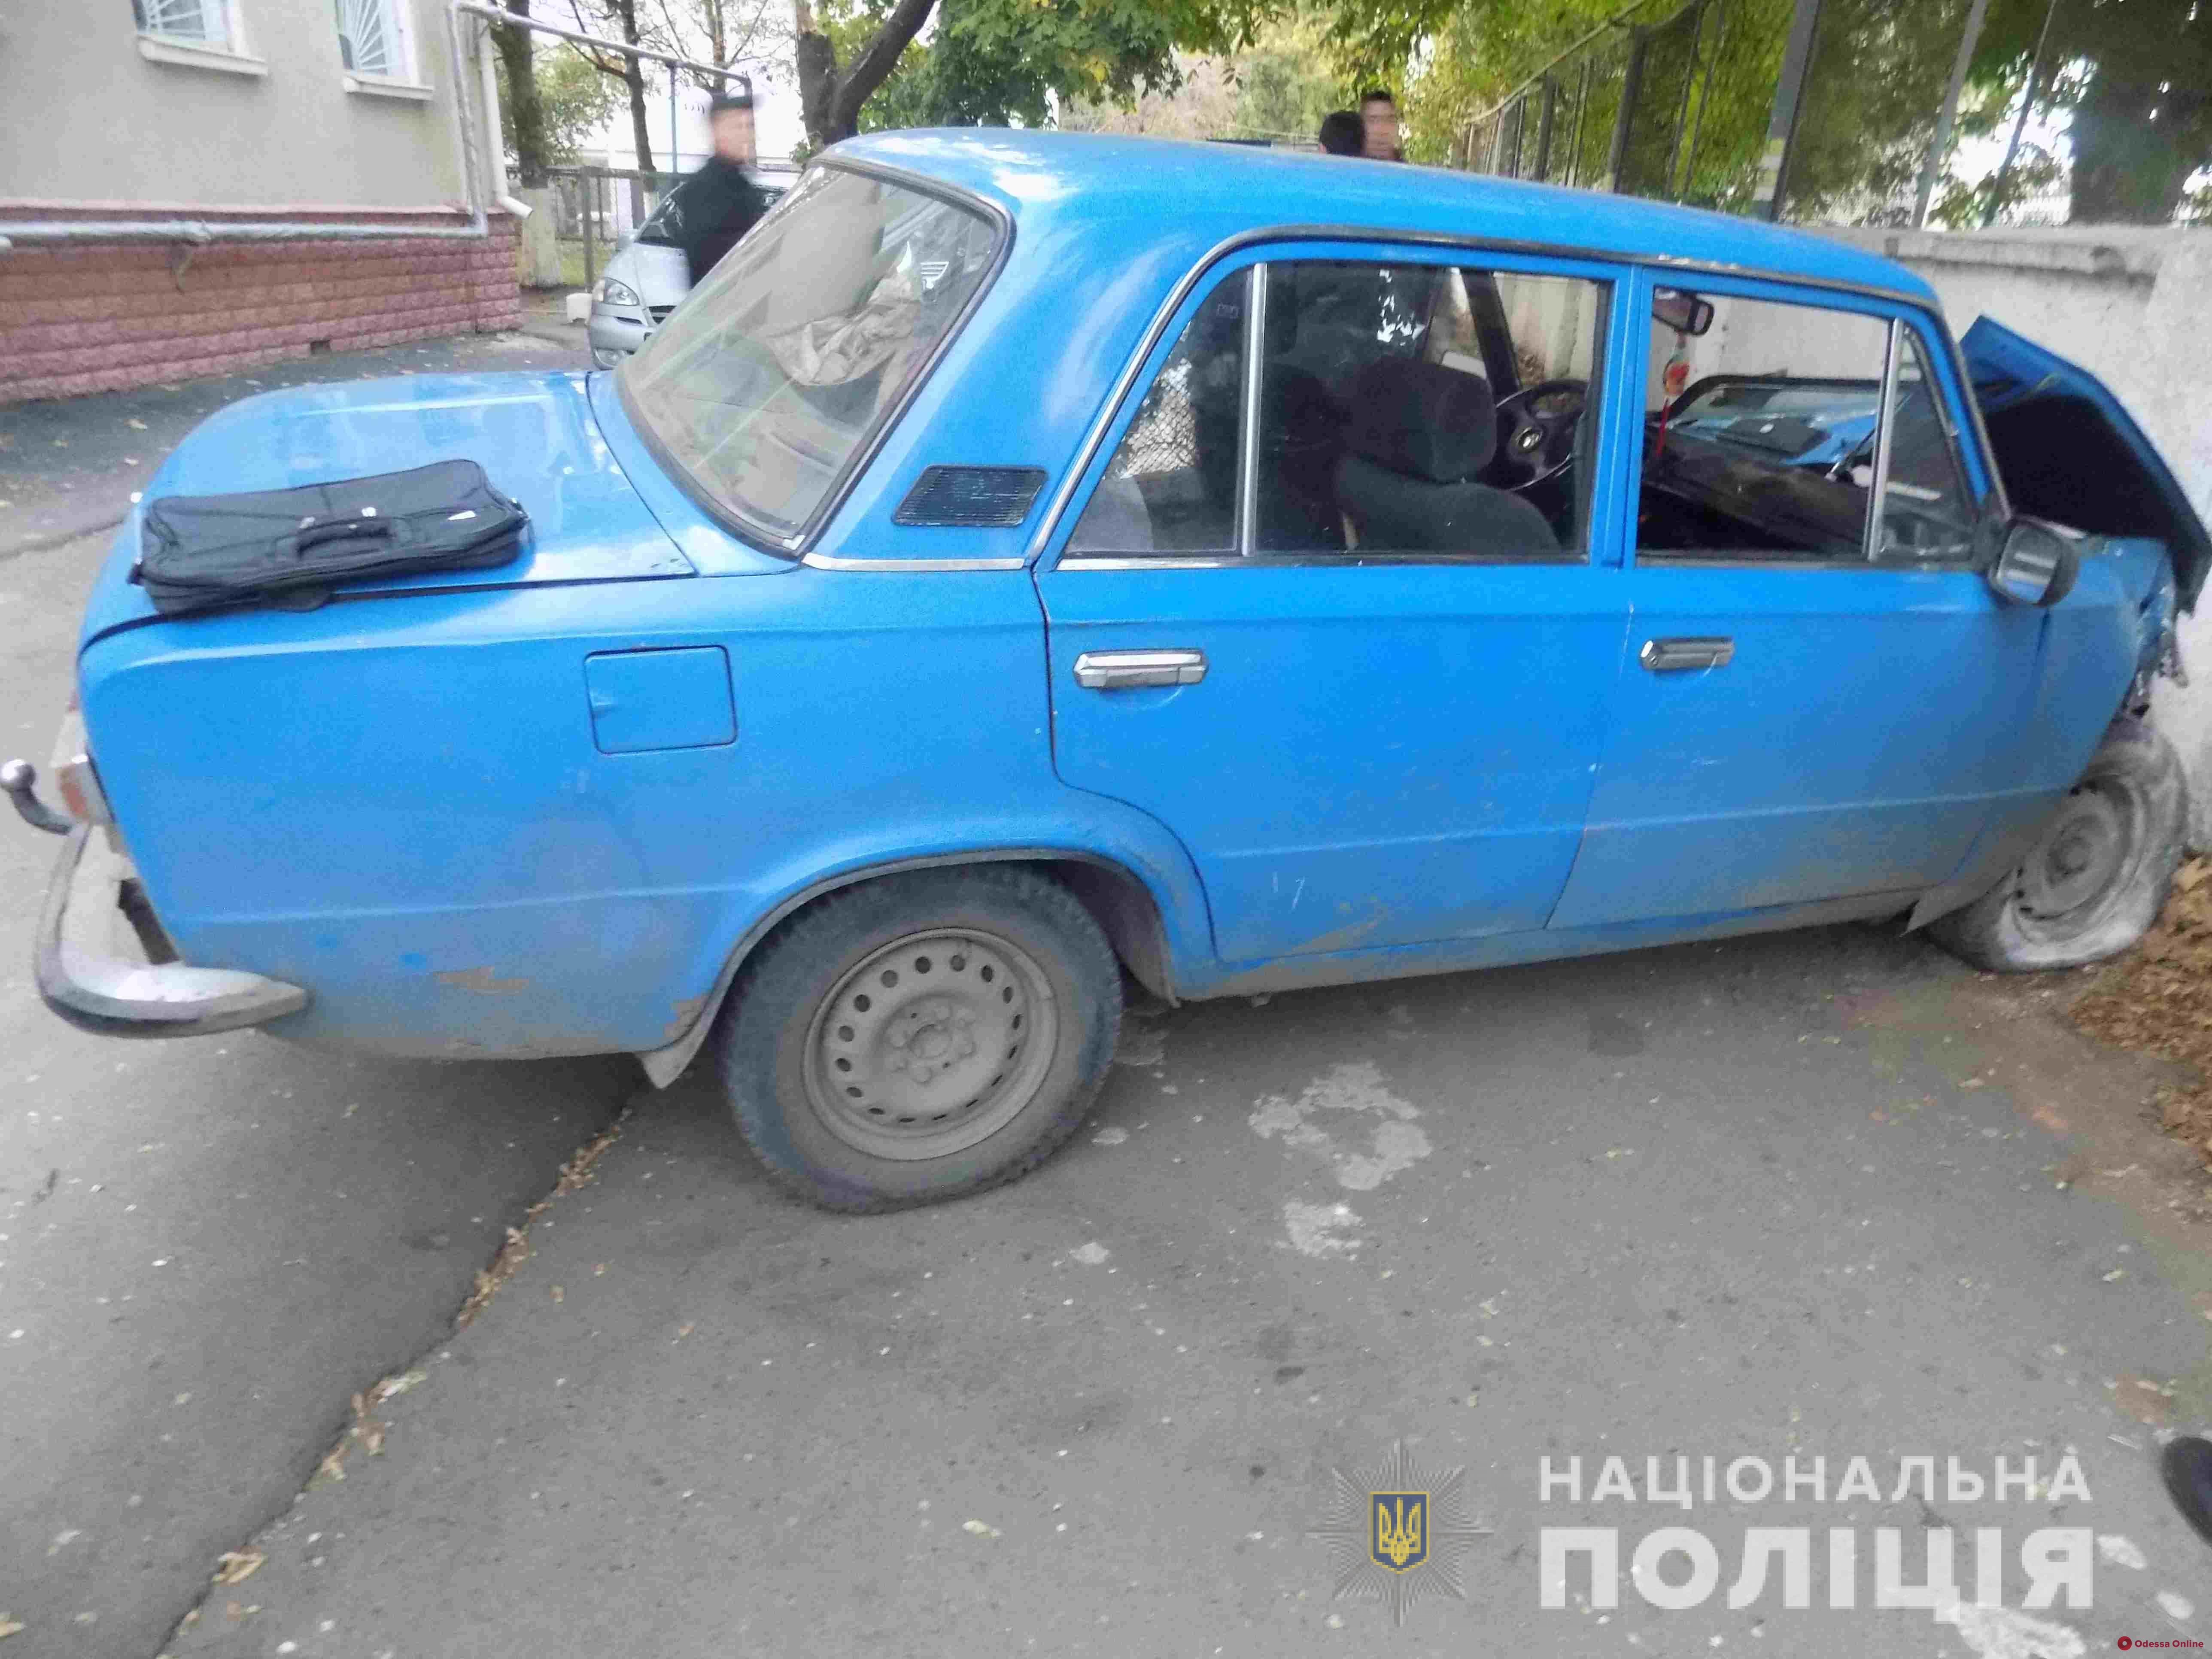 В Одесской области пьяного угонщика «Жигулей» остановил бетонный забор